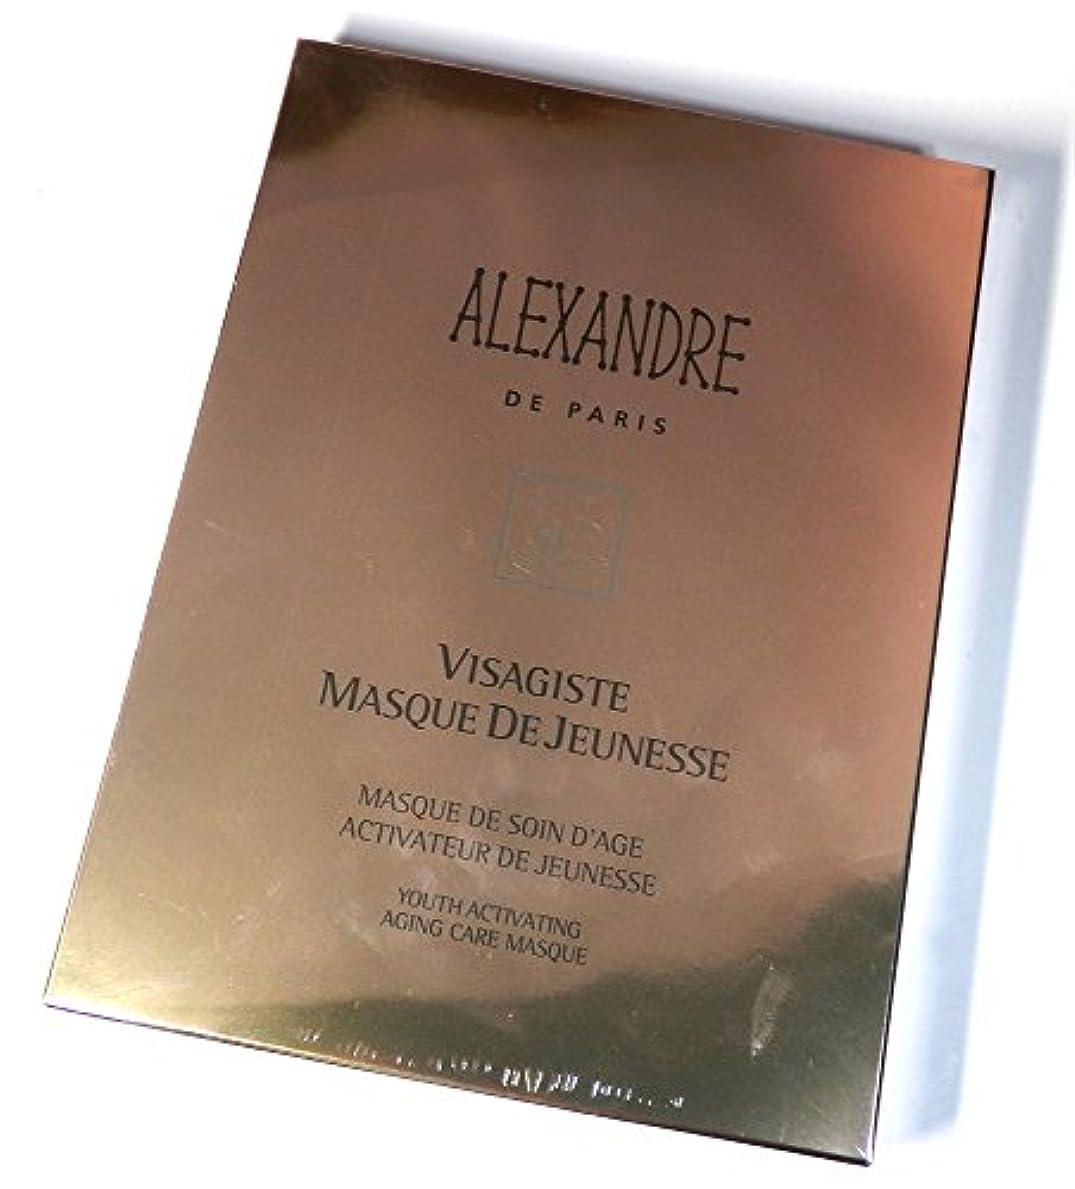 気になるシマウマ真面目なアレクサンドルドゥパリ ヴィザジスト マスクドゥジュネス(シート状トリートメントマスク)16mL×6枚 新品